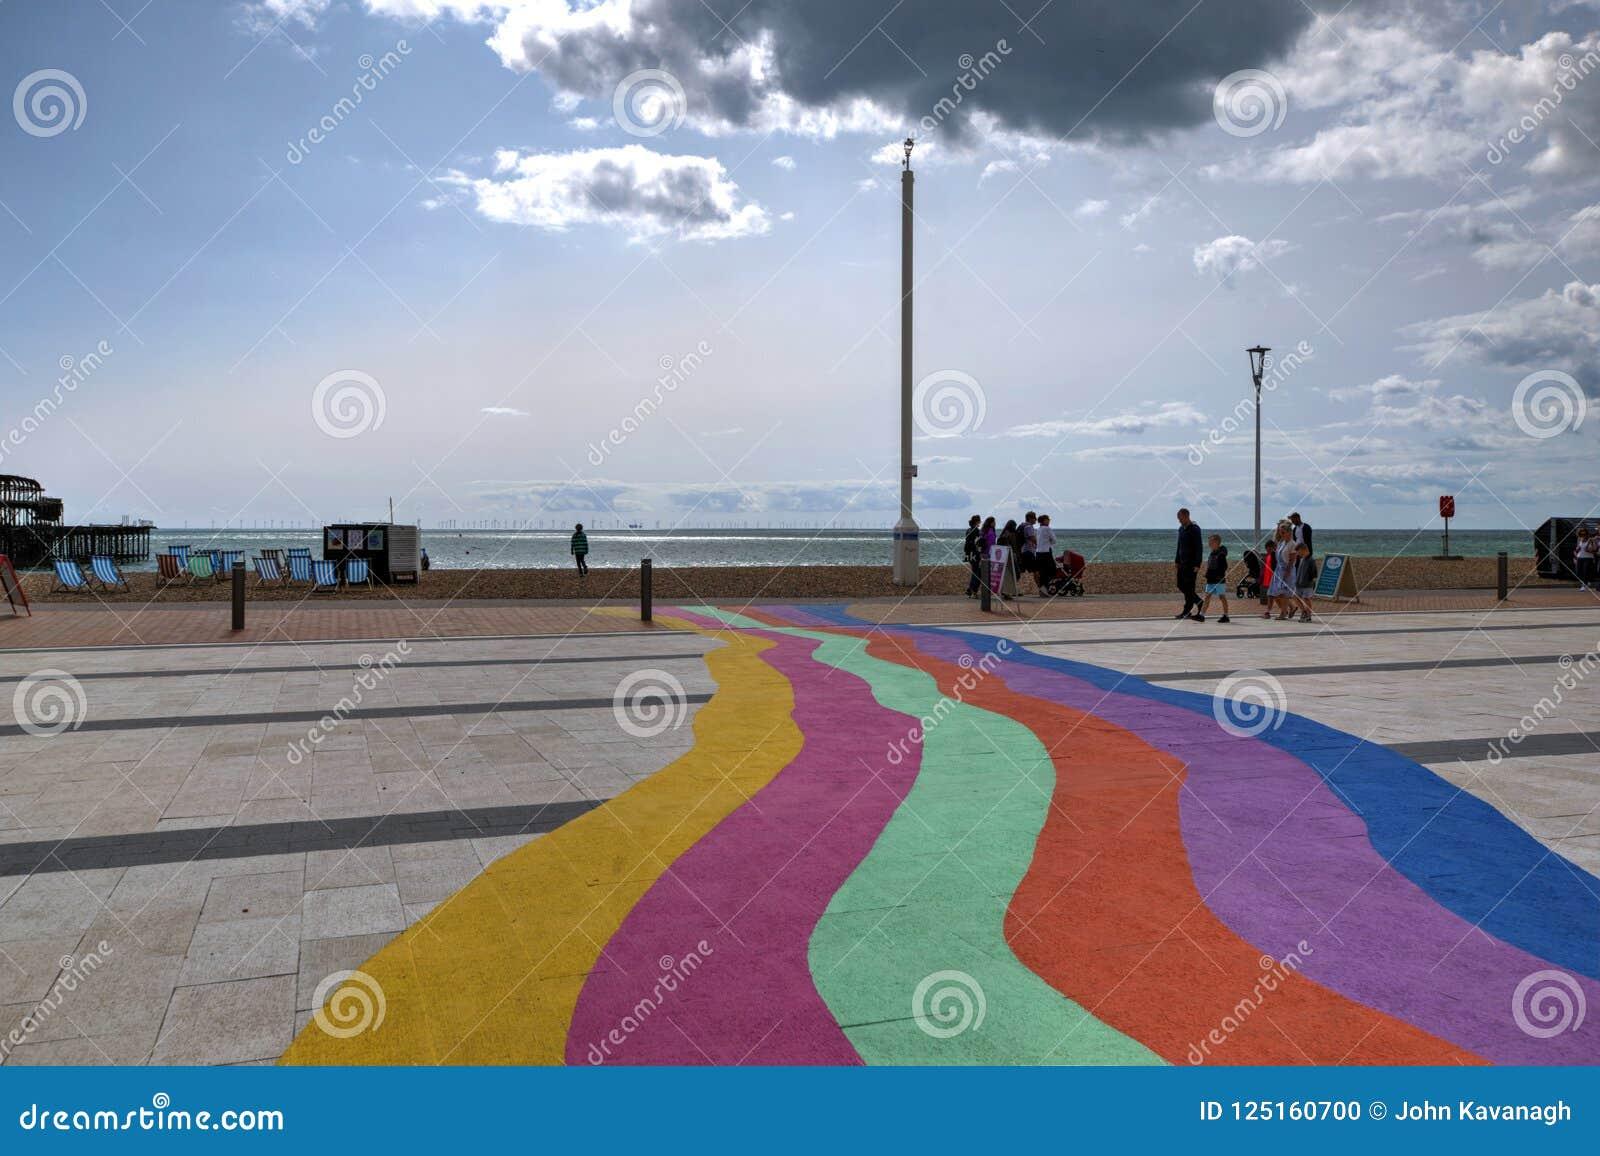 Brighton Seafront, Vereinigtes Königreich, die Regenbogenfarben zeigend gemalt auf die Pflasterung